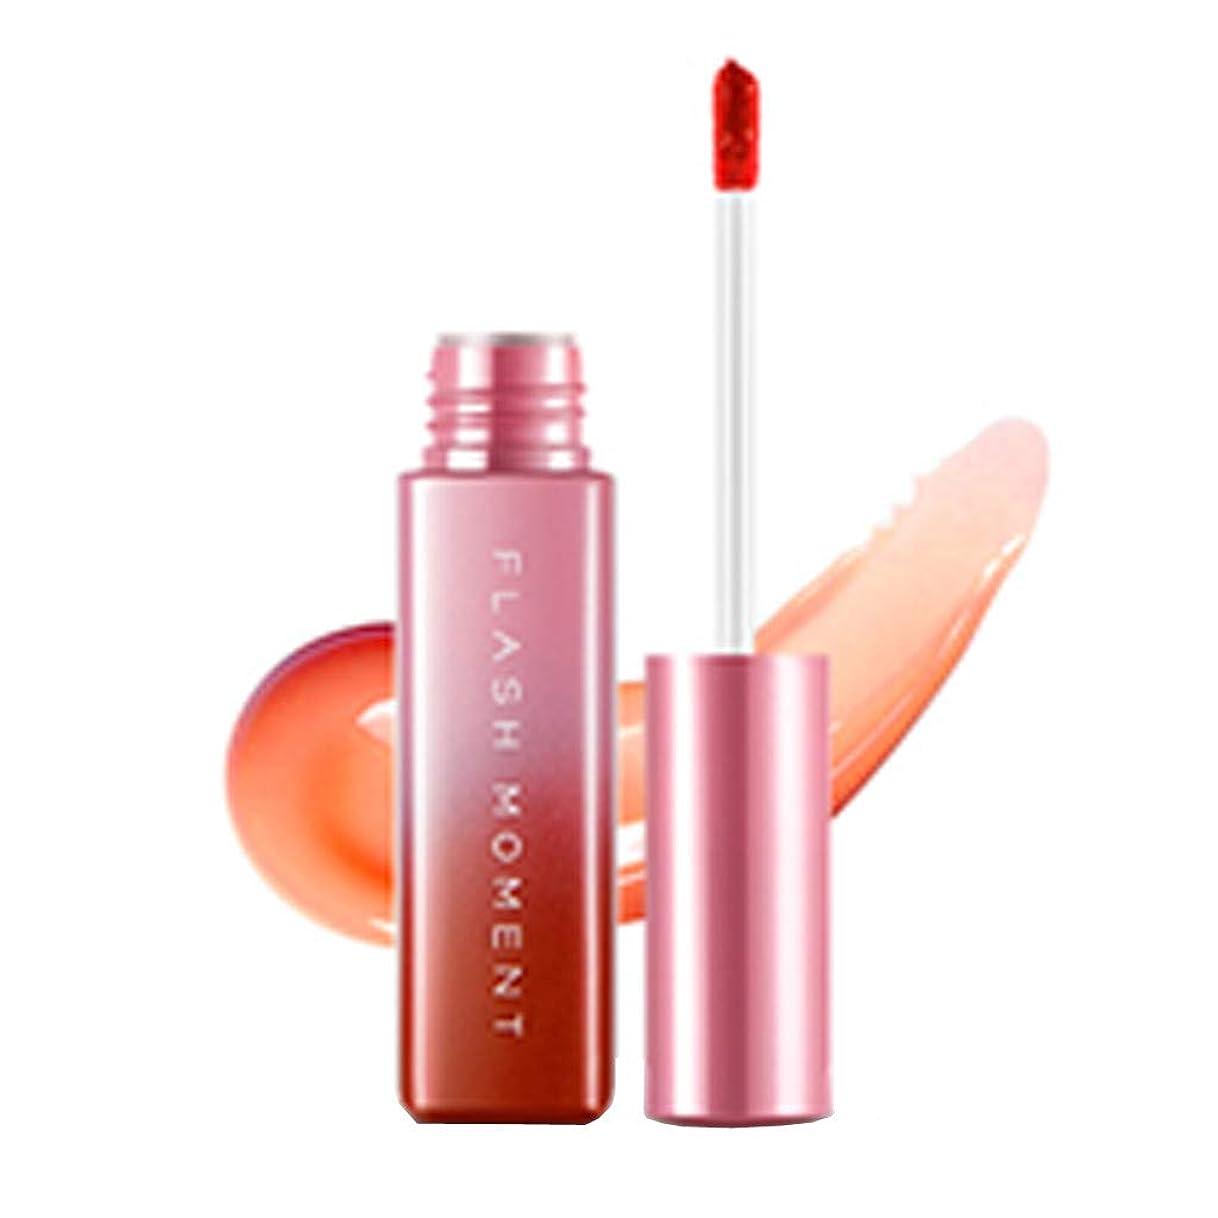 憂慮すべき共同選択役に立つ口紅 リップグレーズ ミラー 3D リップクリーム セクシー 液体 リップスティック リキッド 唇 光沢 長続き リップバーム 24時間防水 唇に塗っっていつもよりセクシー魅力を与えるルージュhuajuan (A)